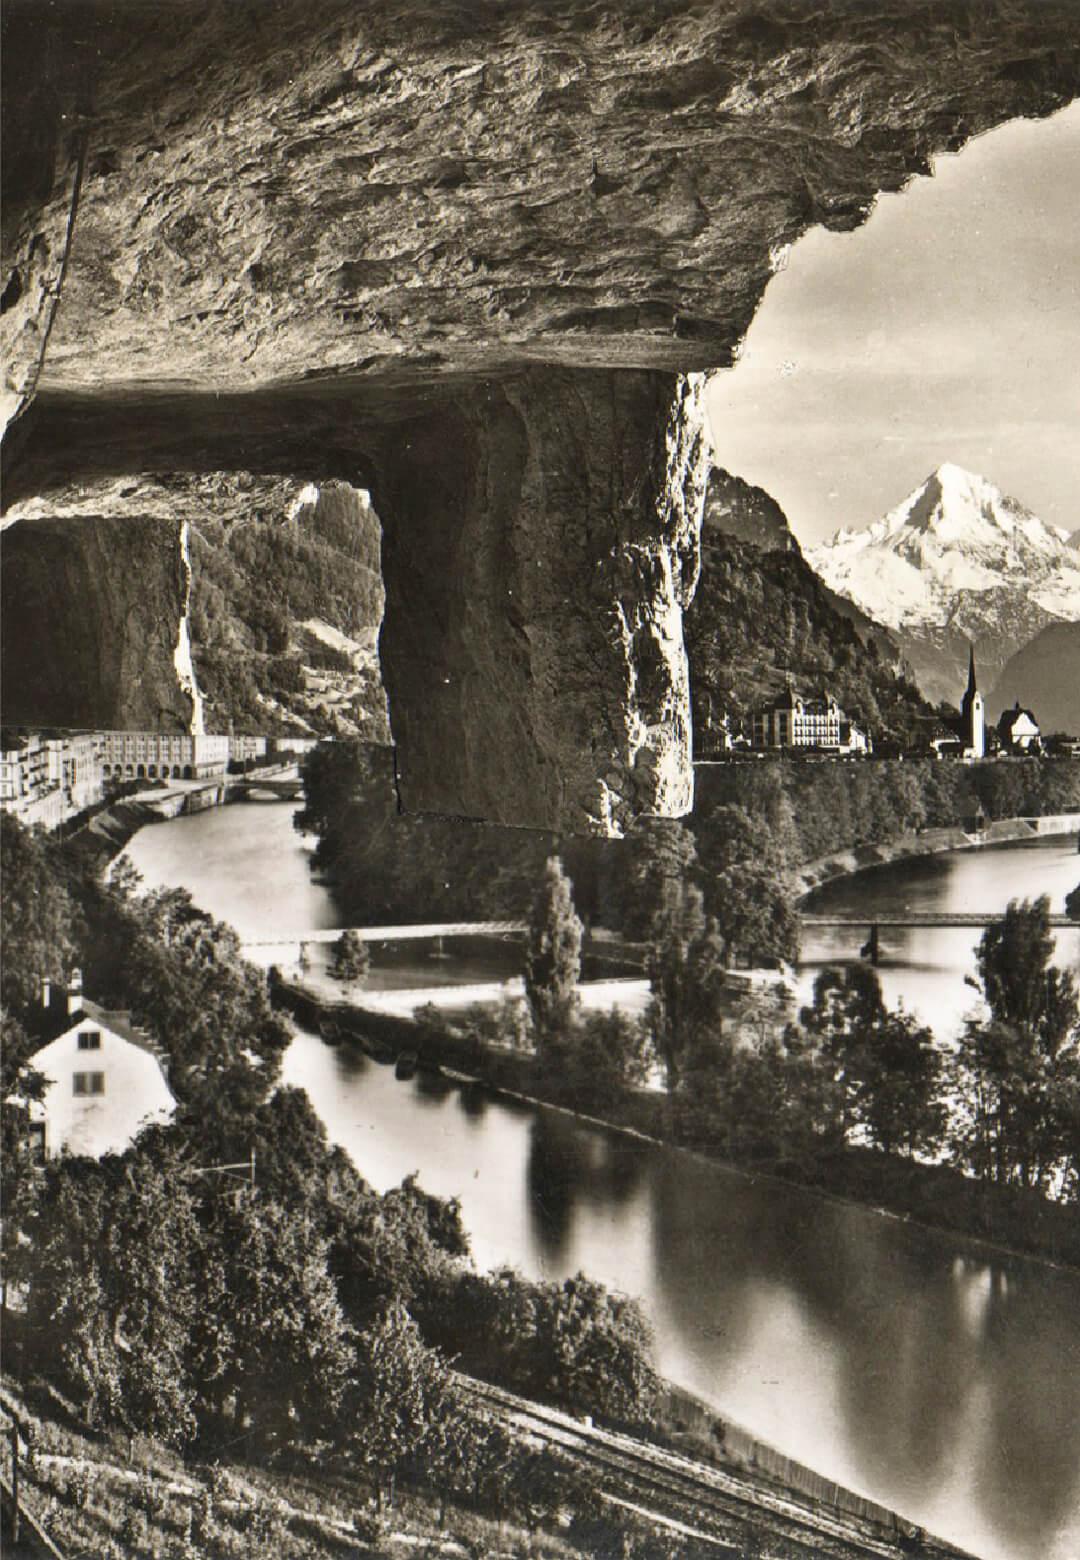 Voller Höhlen | Nicolas K Feldmeyer | STIRworld